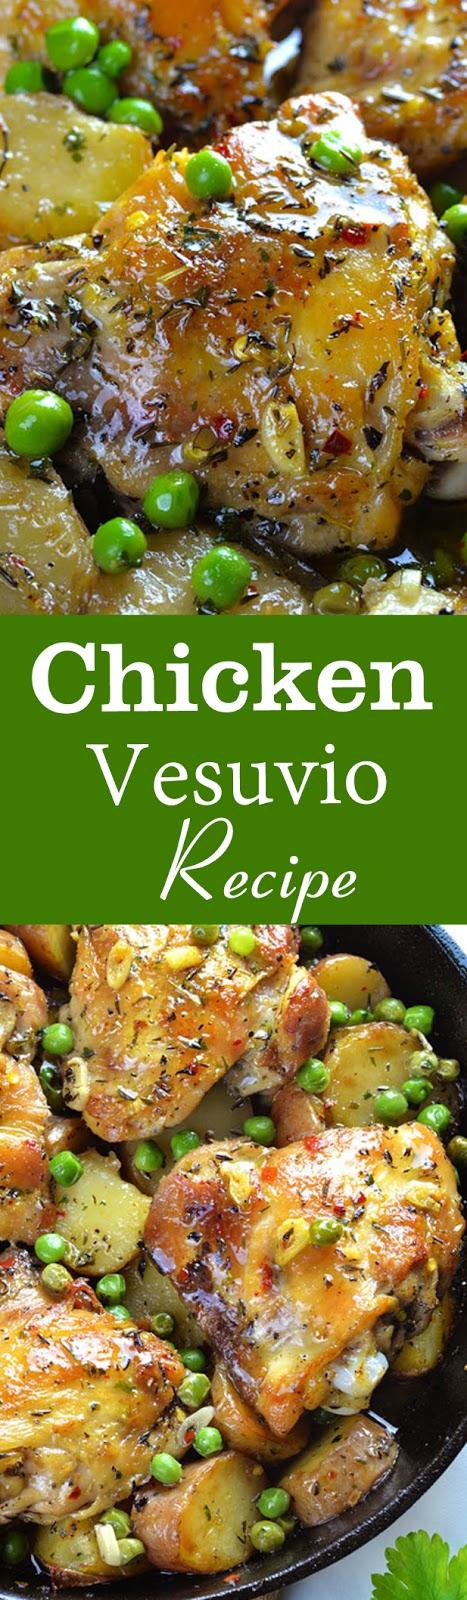 Chicken Vesuvio Recipe